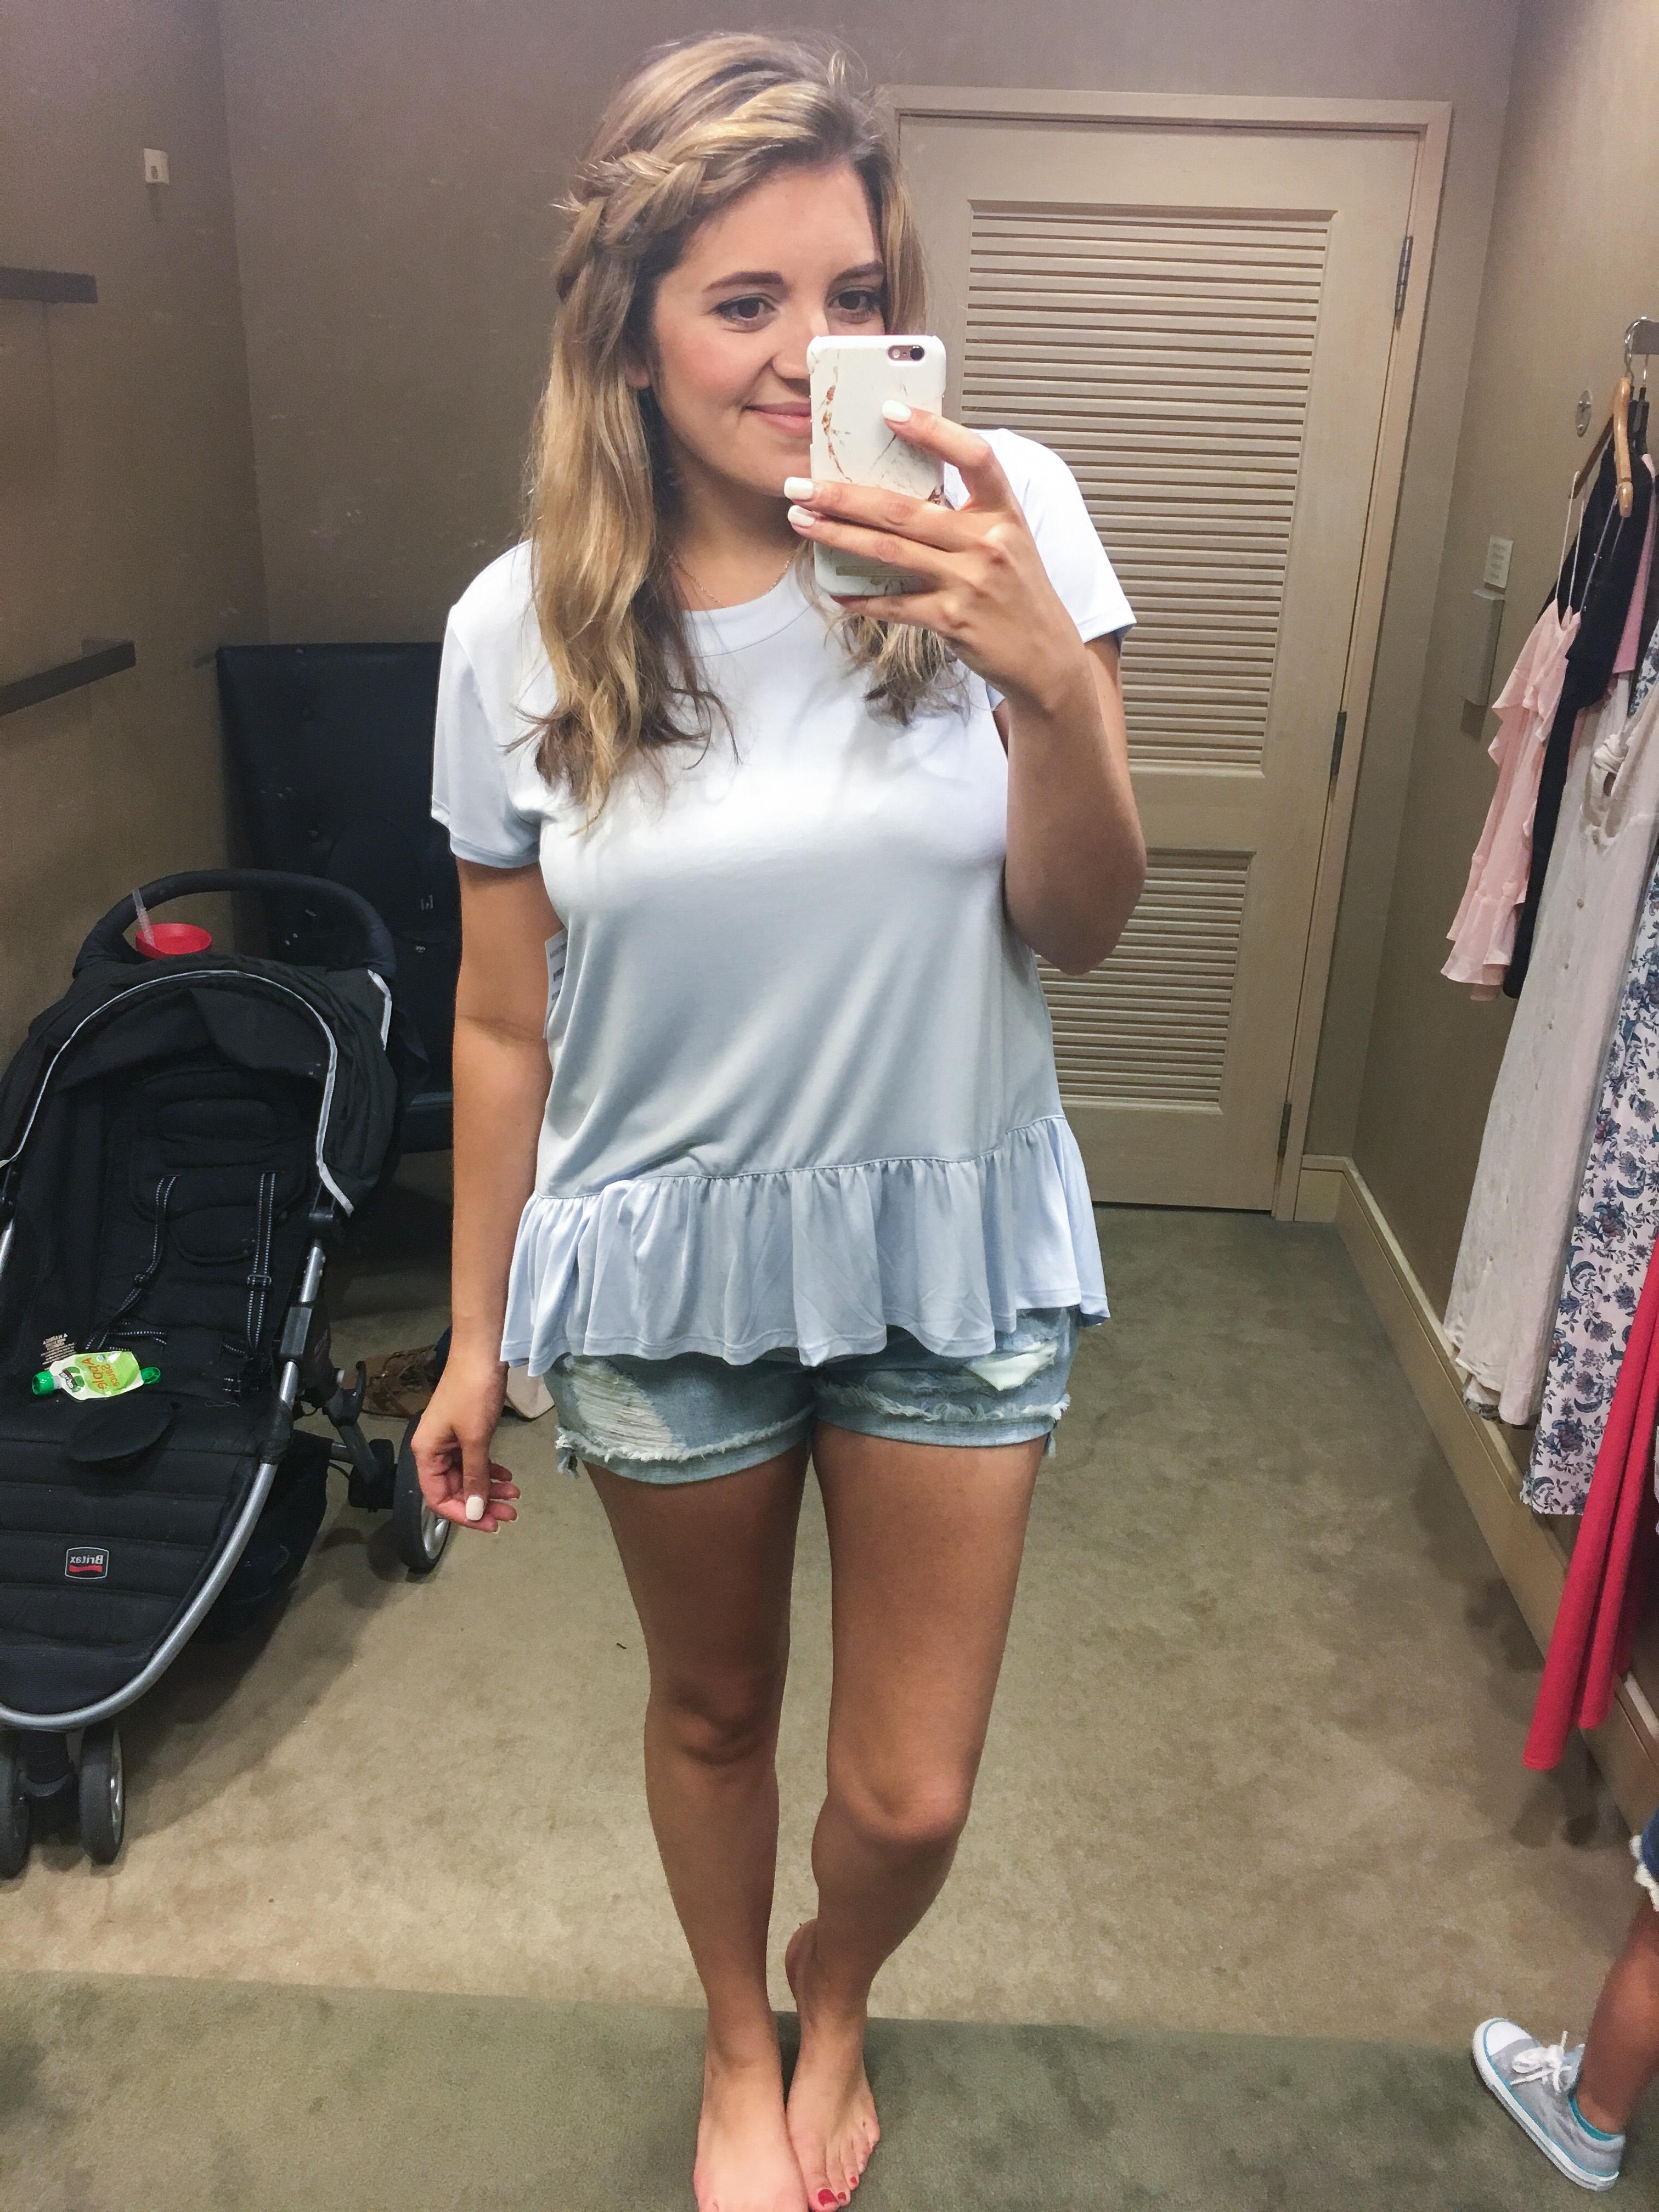 dressing room try on session - best Nordstrom Summer finds | bylaurenm.com